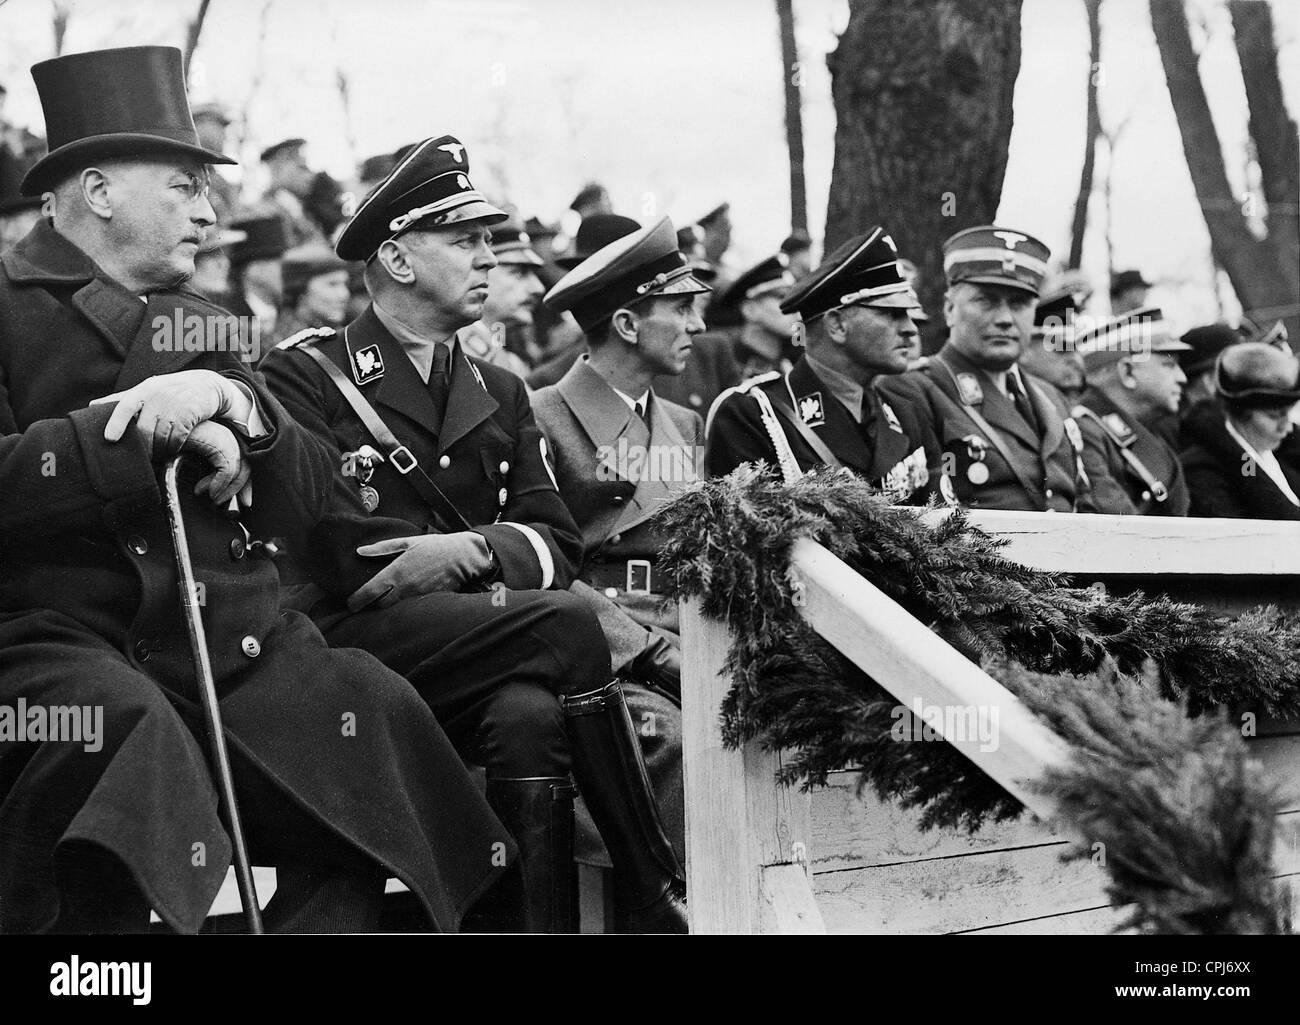 Franz Guertner, Julius Schaub, Joseph Goebbels and Sepp Dietrich, 1936 - Stock Image